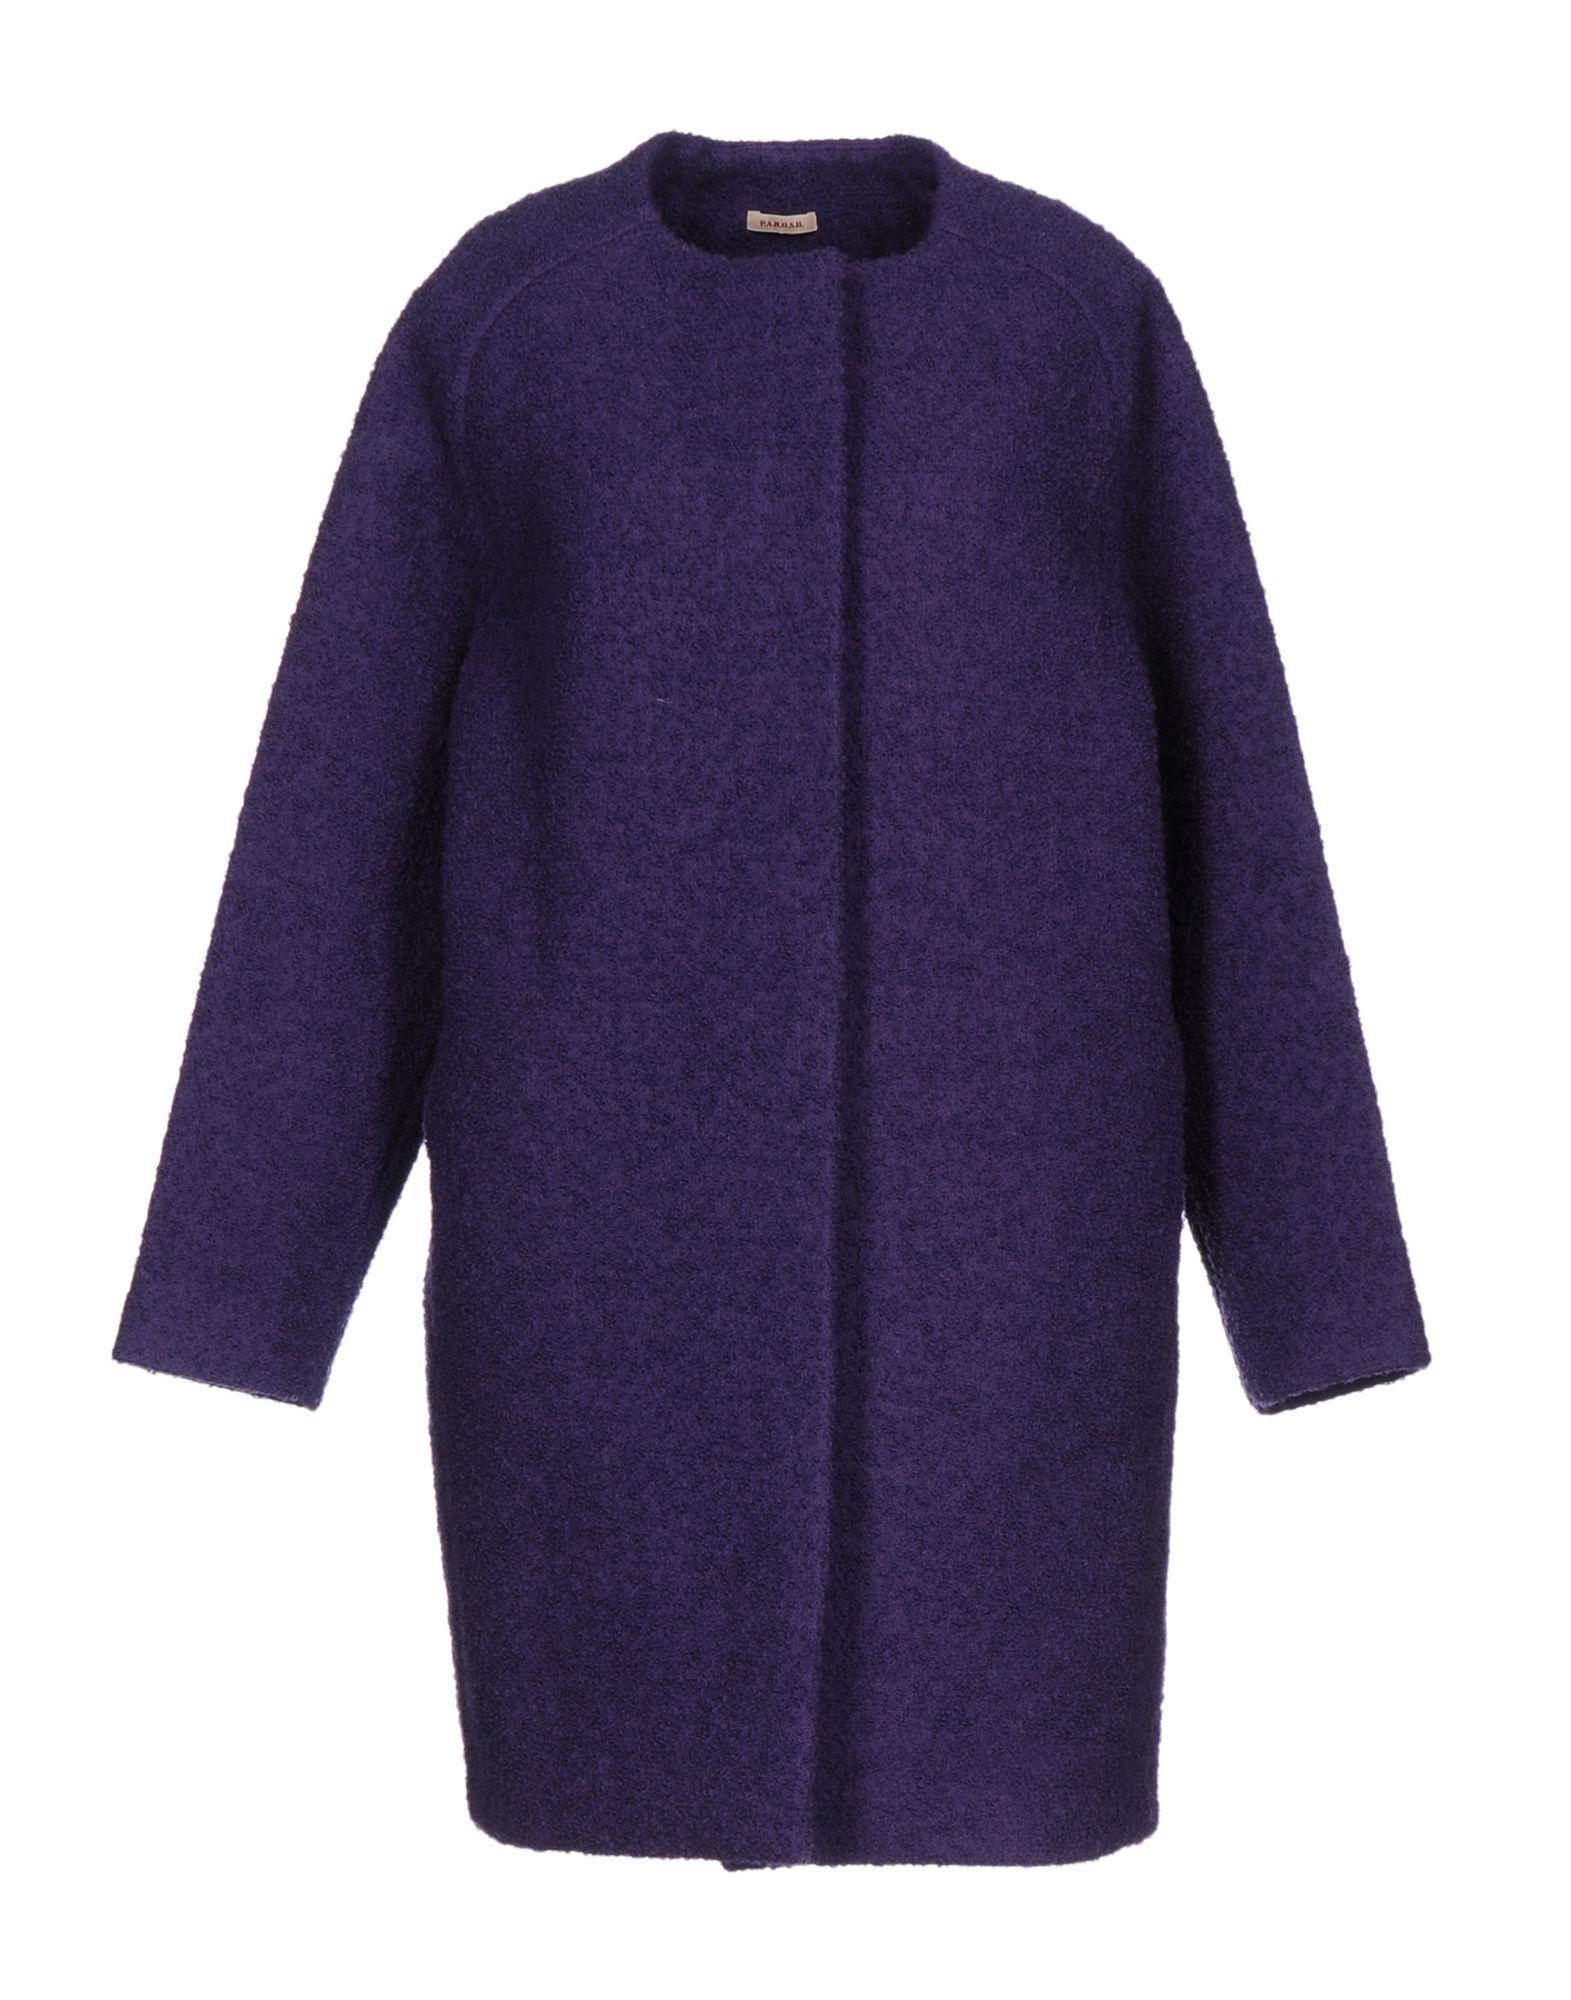 P.a.r.o.s.h. Coats In Purple